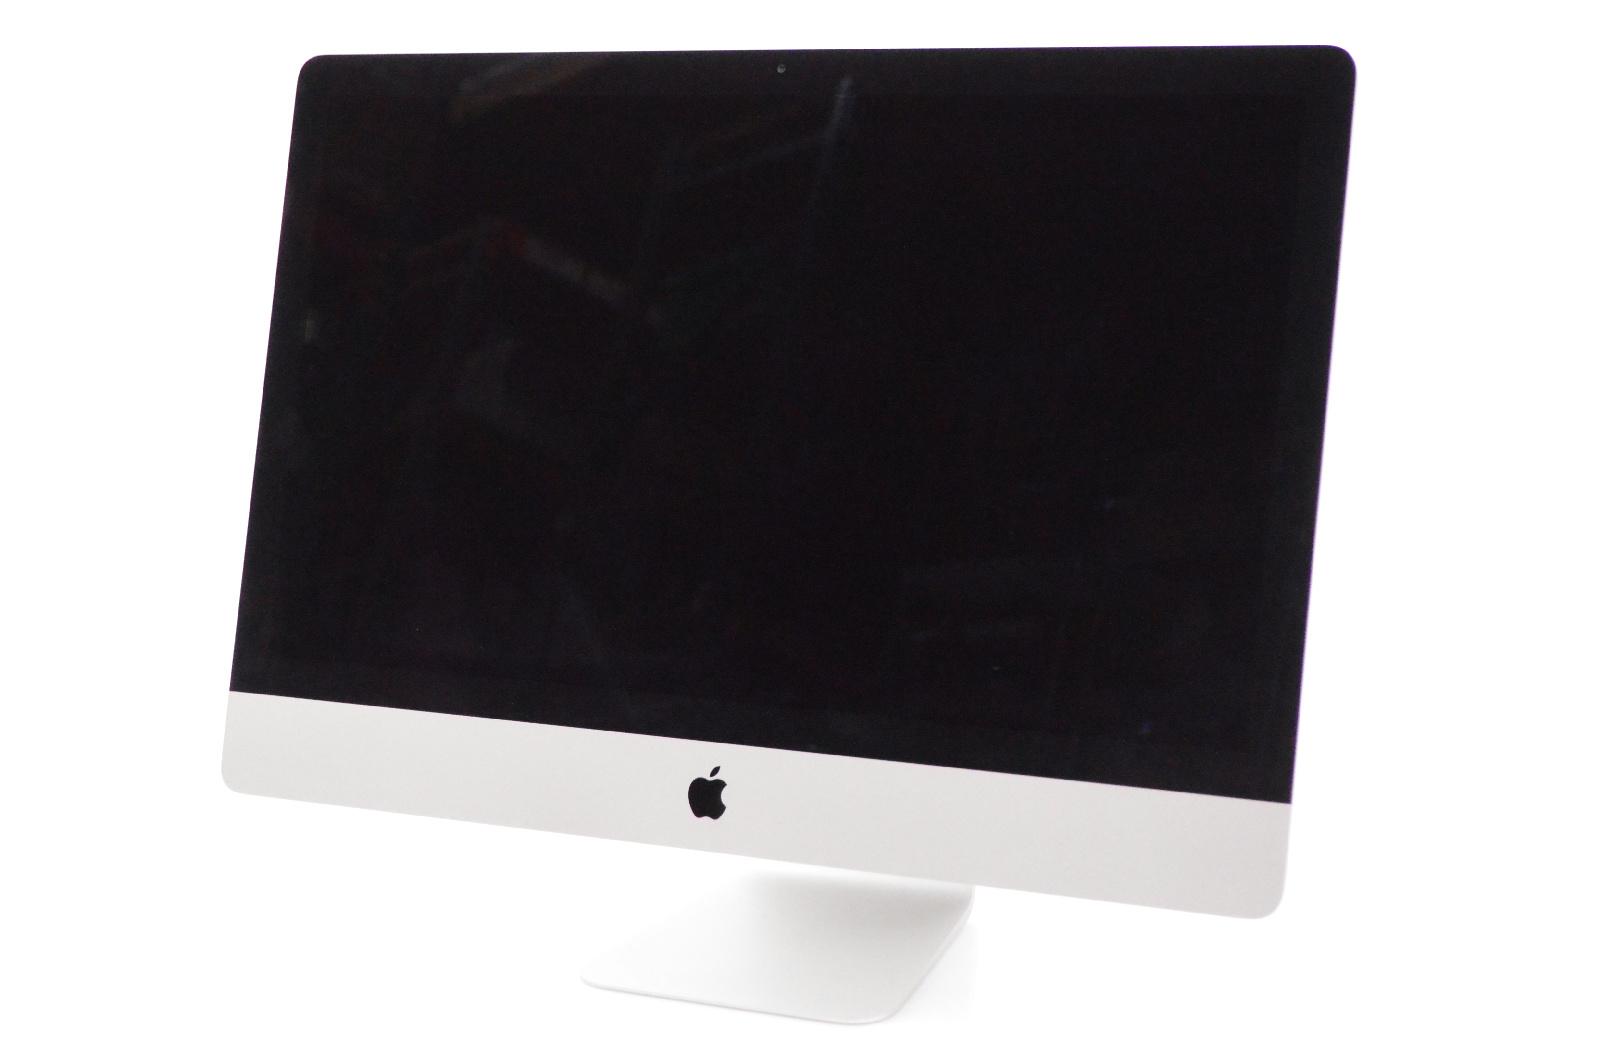 """Apple 27"""" iMac A1419 8GB 3.2Ghz A1419 i5 El Capitan 10.11.5 #32316"""